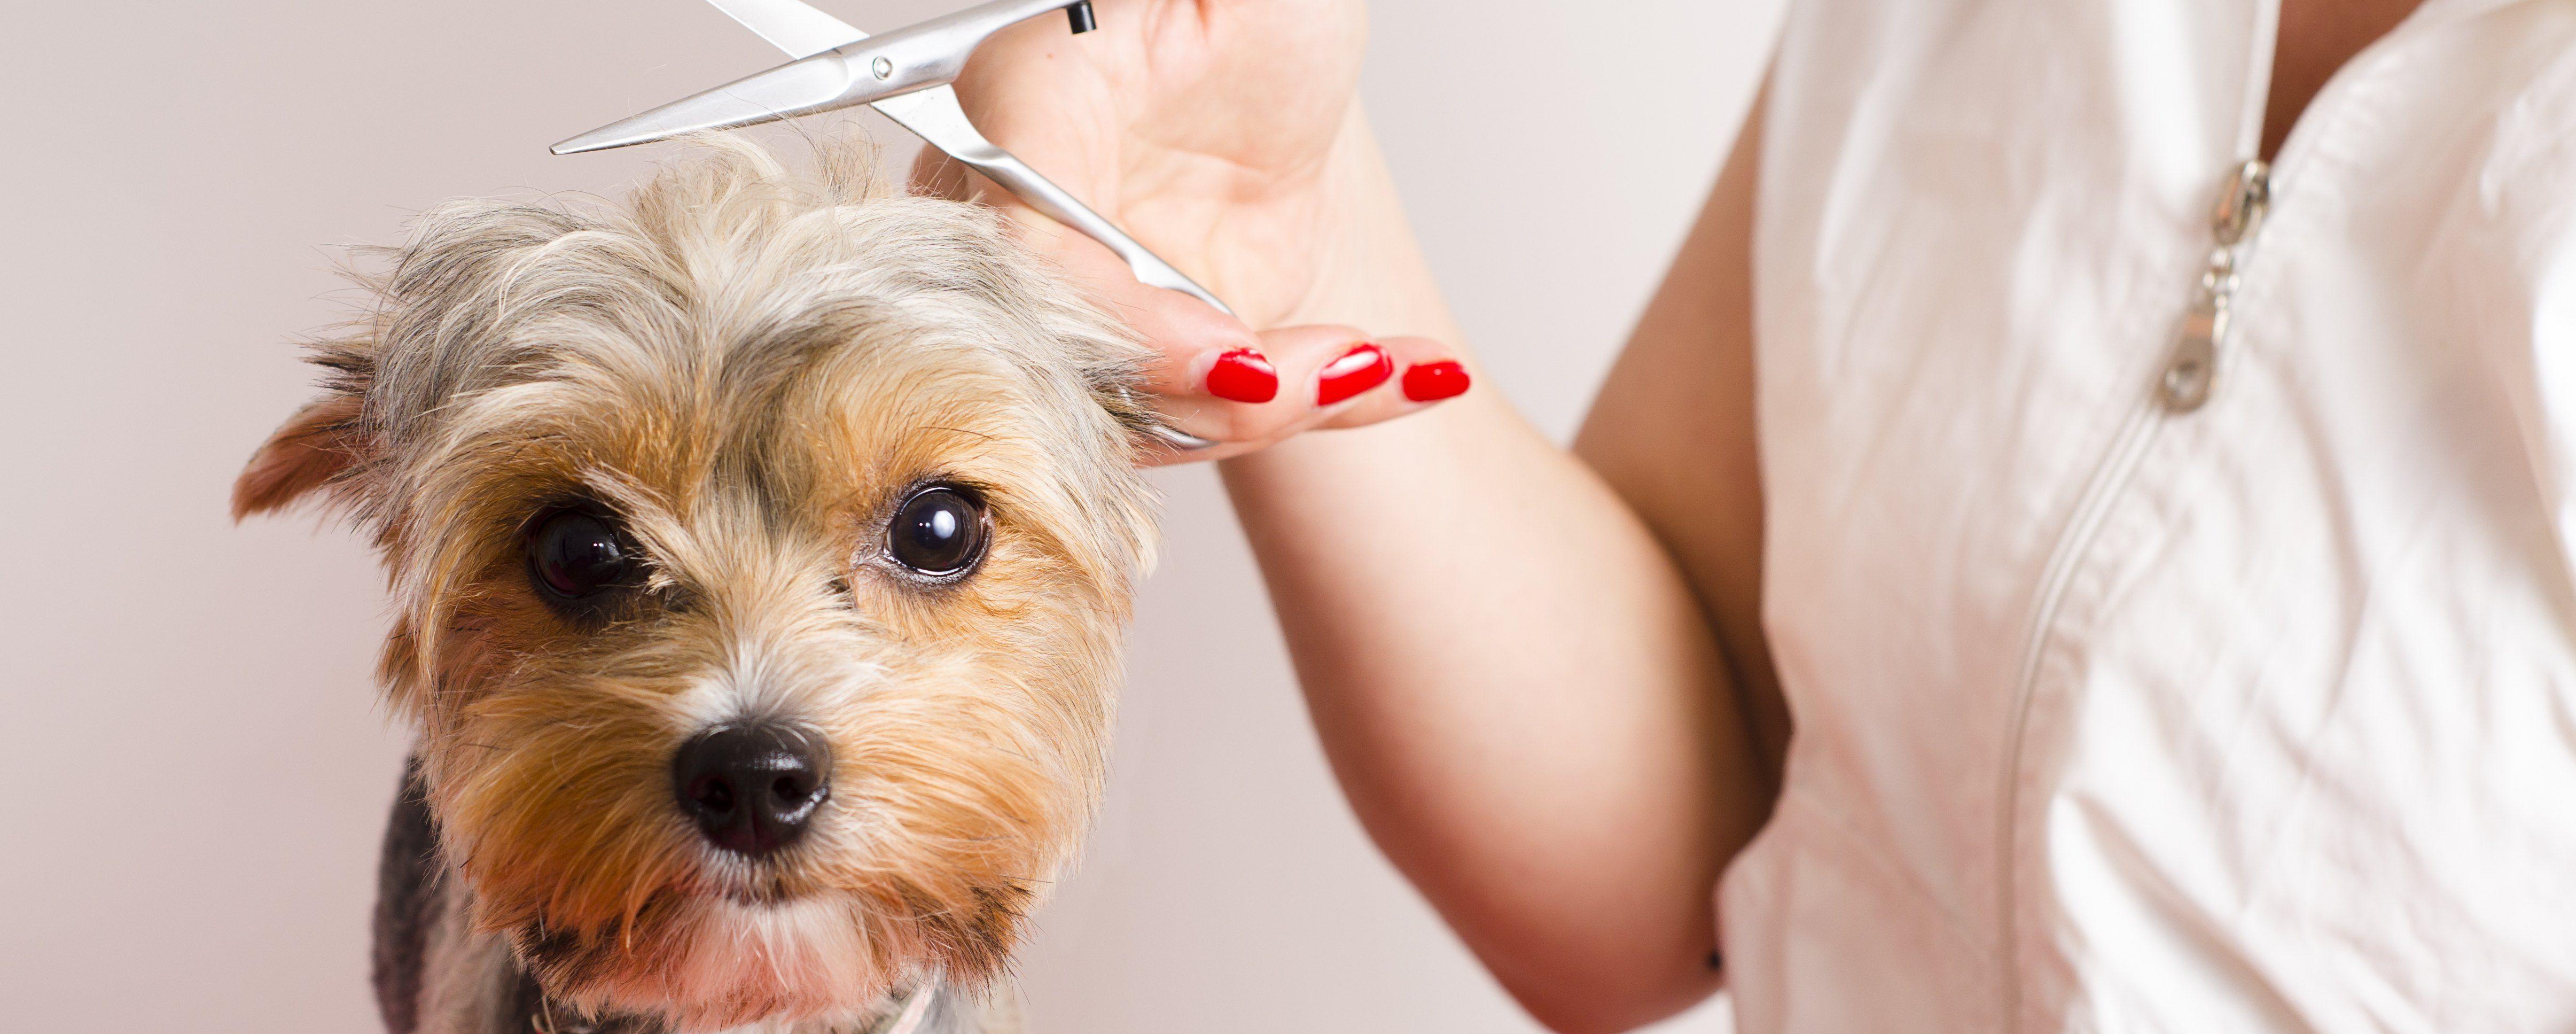 Descubre los servicios de peluquería canina en Madrid